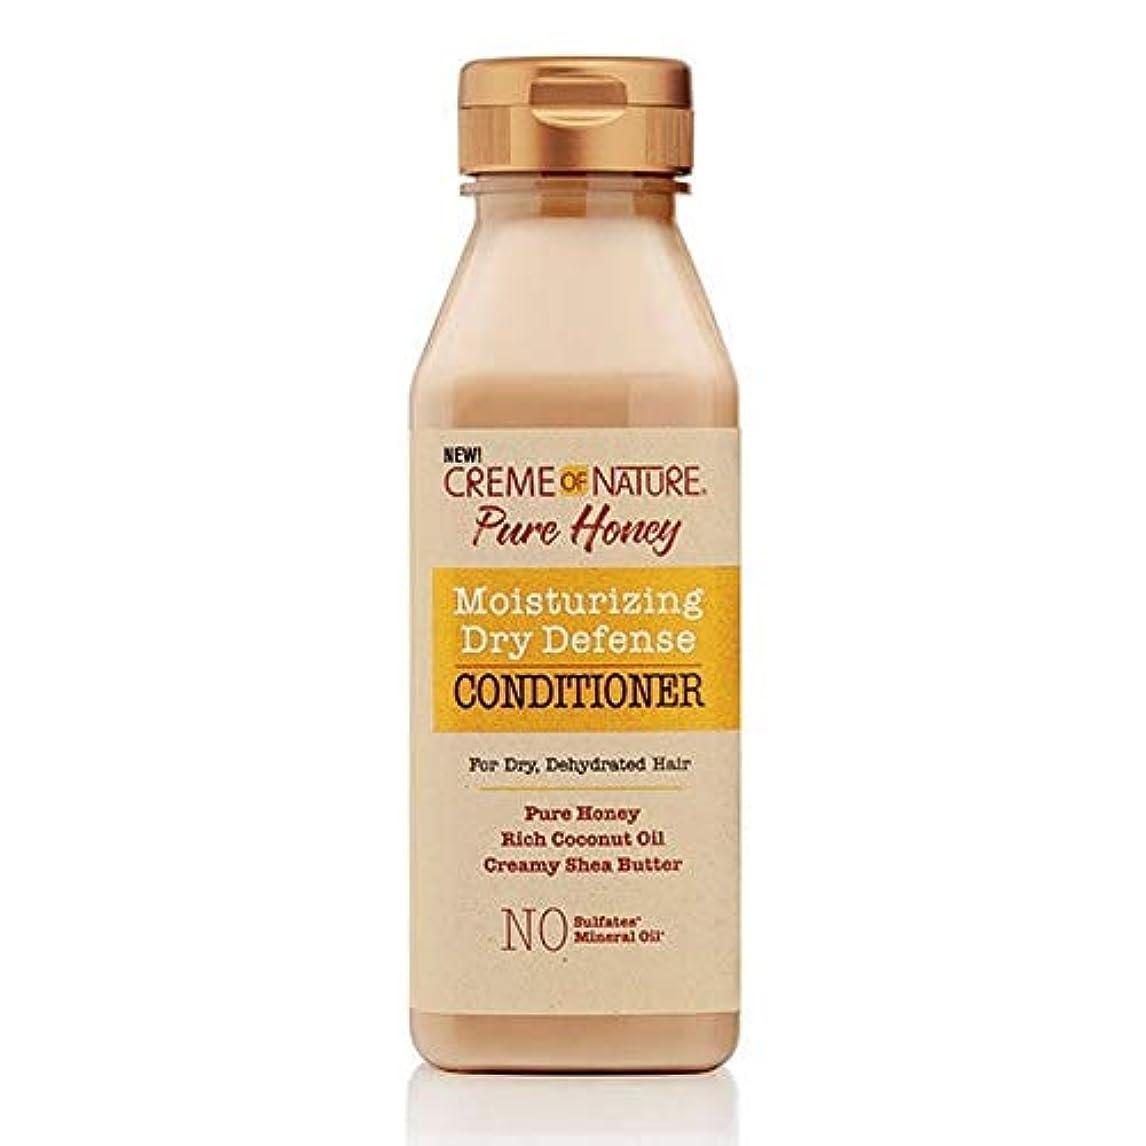 許す世界に死んだ人間[Creme of Nature ] 自然の純粋蜂蜜ドライ防衛コンディショナー355ミリリットルのクリーム - Creme of Nature Pure Honey Dry Defence Conditioner 355ml [並行輸入品]